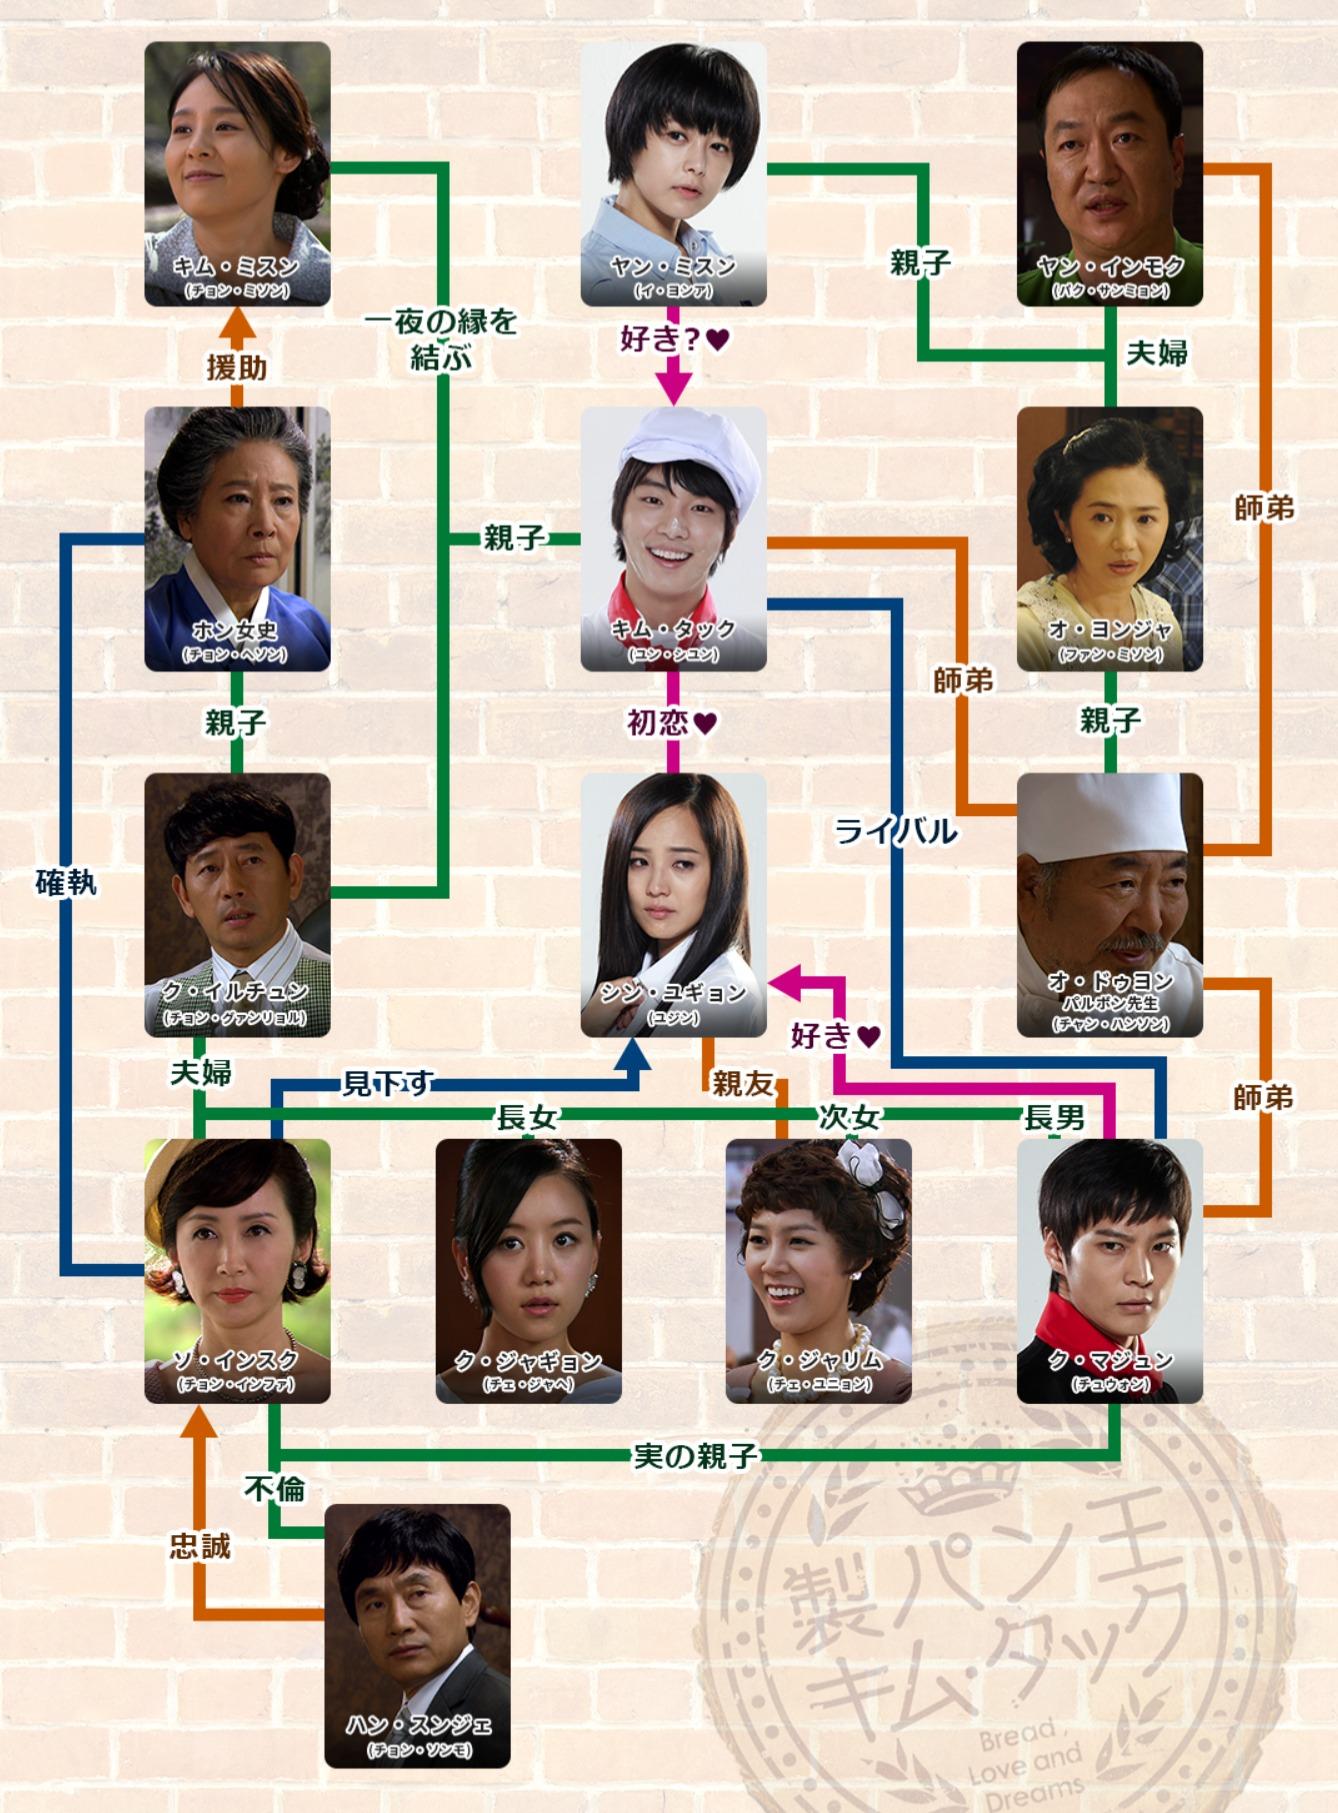 韓国ドラマ『製パン王 キム・タック』登場人物相関図(関係図)